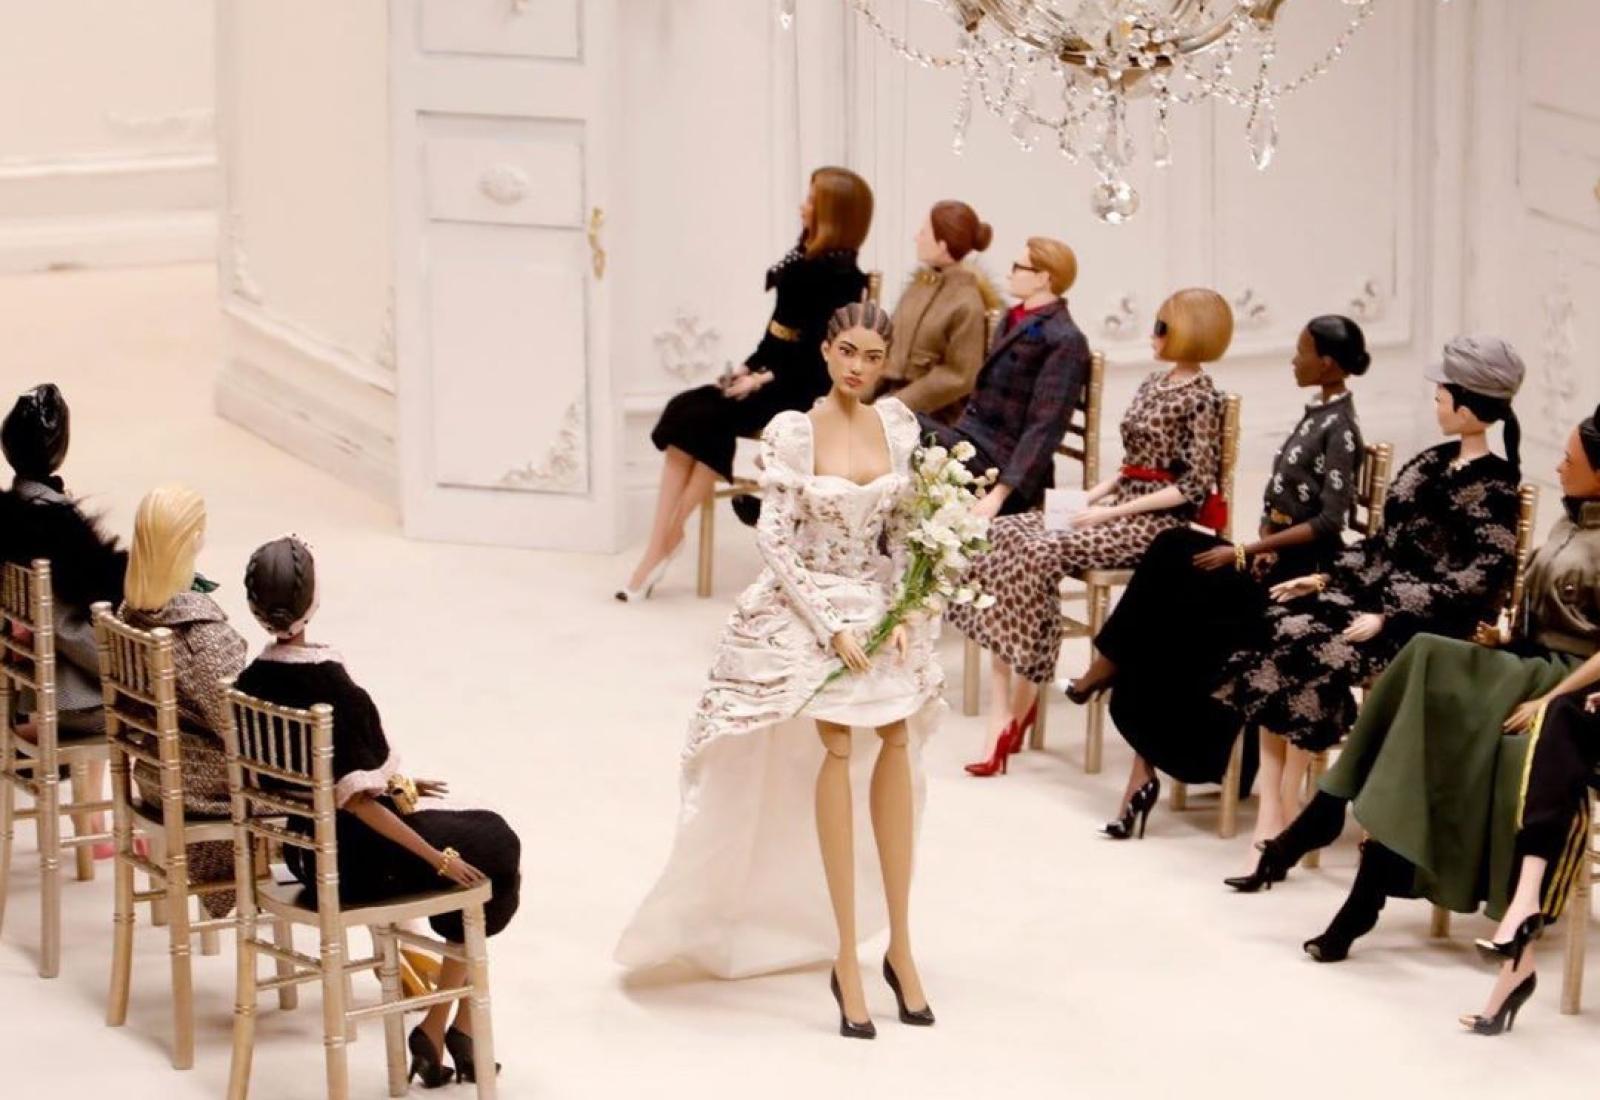 Moschino превратил показ в кукольное представление, и модели оказались ничем не хуже живых девушек